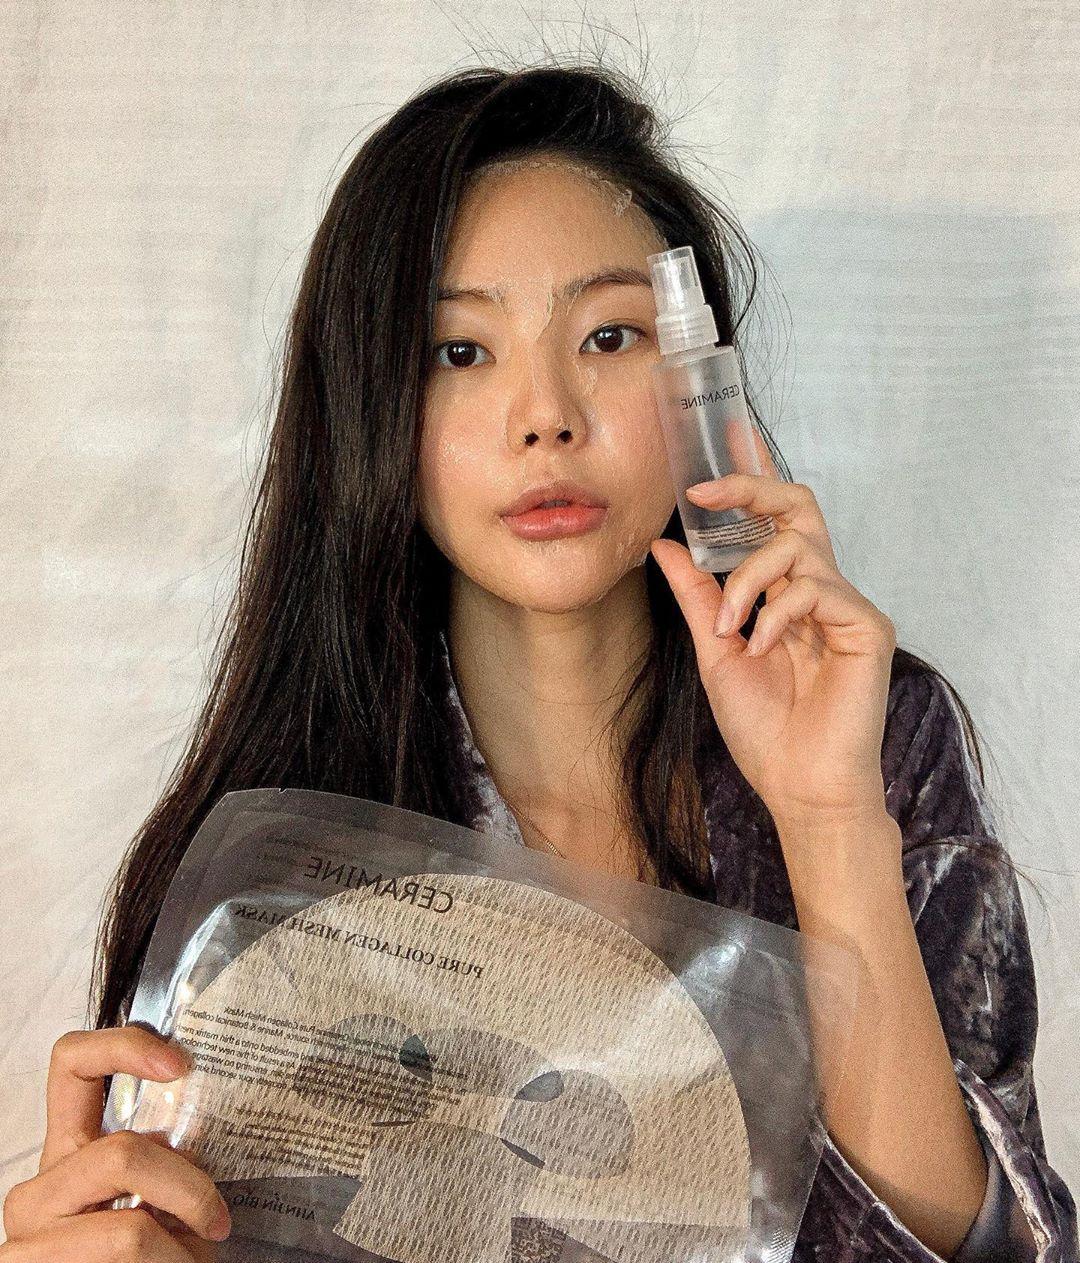 Chuyên gia lên lịch chăm sóc da cho cô dâu, quan trọng nhất là tips đắp mặt nạ và uống nước vào ngày cưới  - Ảnh 5.